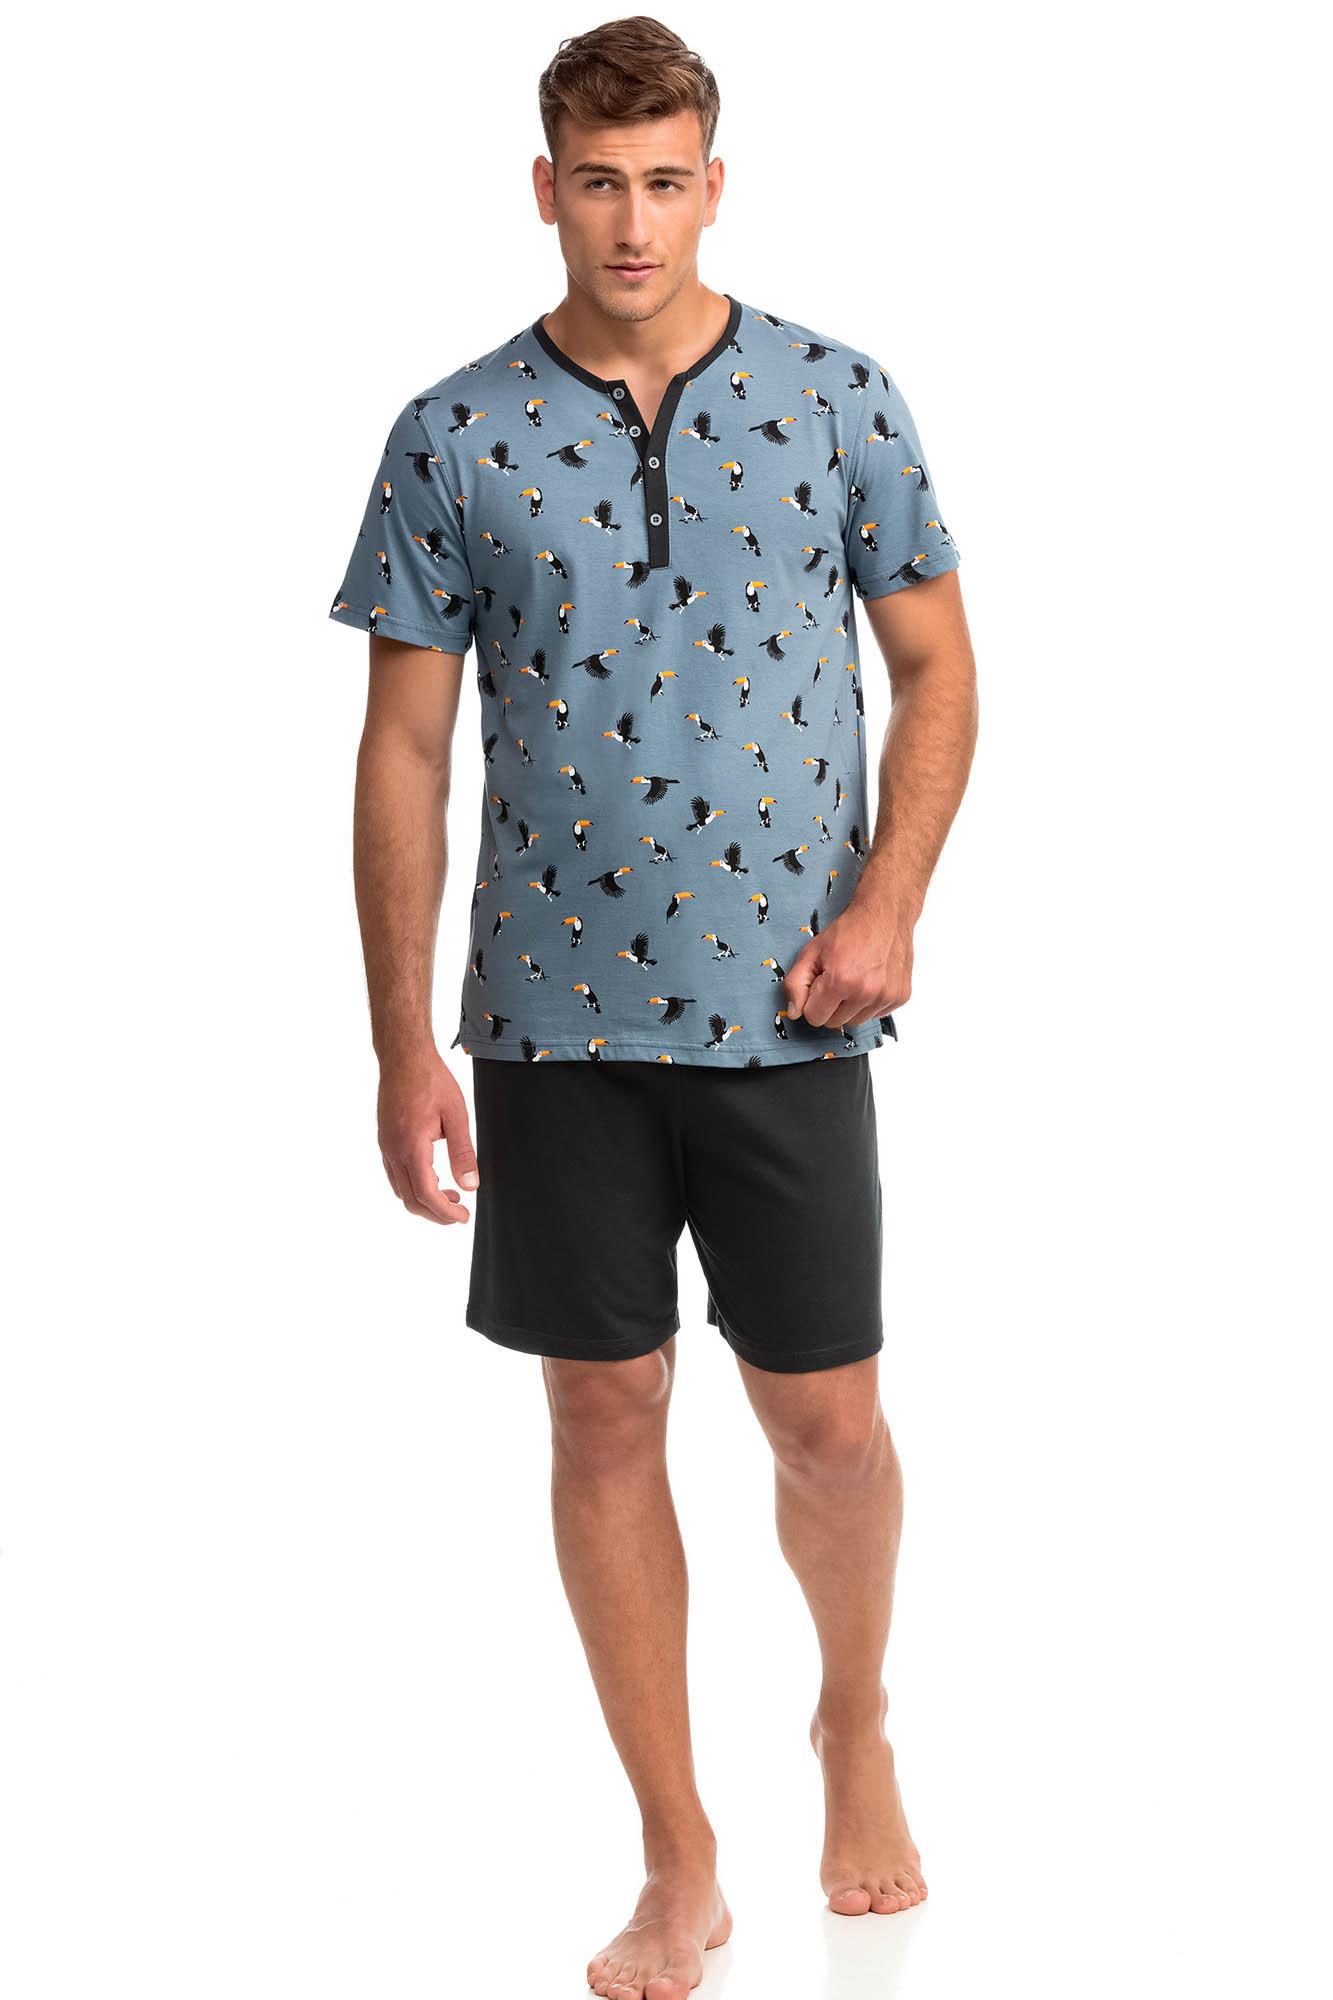 Vamp - Pohodlné dvojdielne pánske pyžamo 14731 - Vamp blue mirage xxl